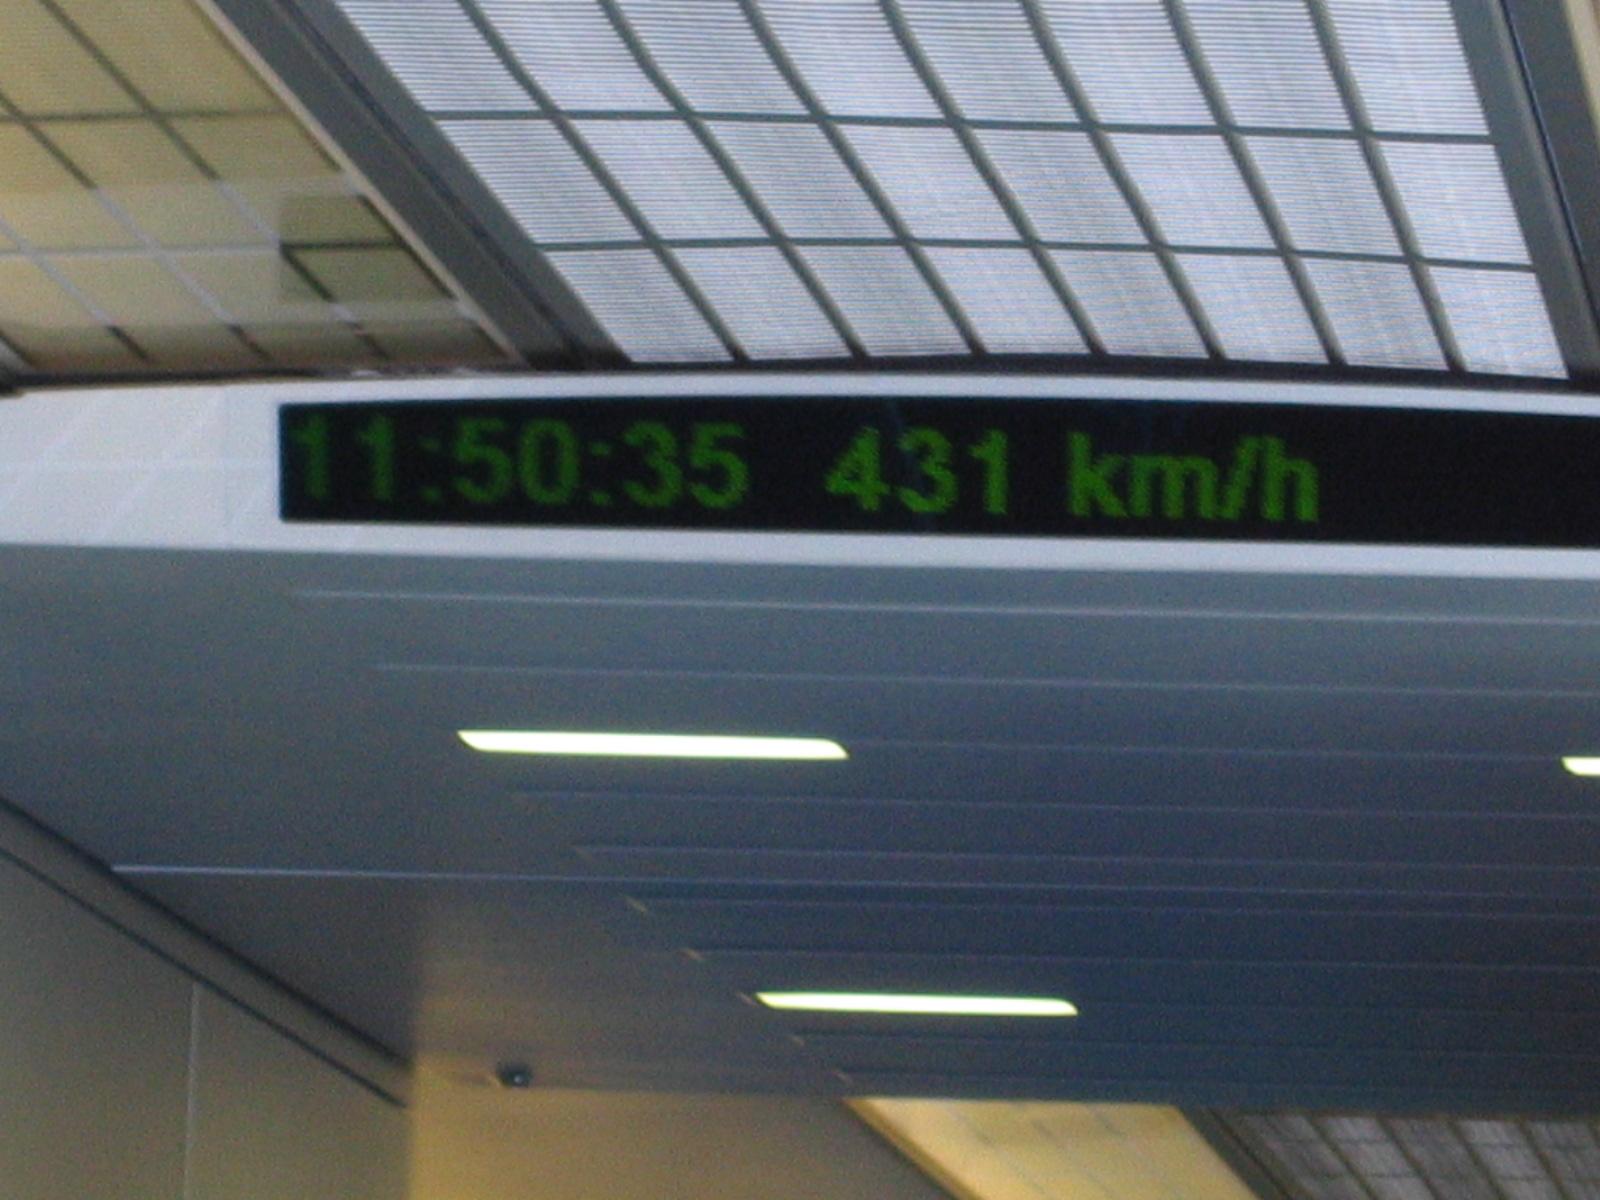 Für die rund 30km hat der Zug gerade mal rund 7 Min 20 sec gebraucht